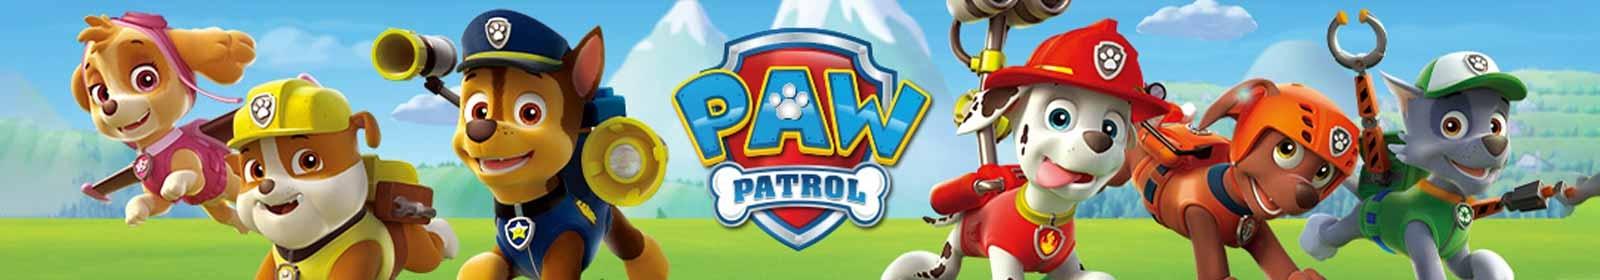 comprar patrulla canina online al mejor precio